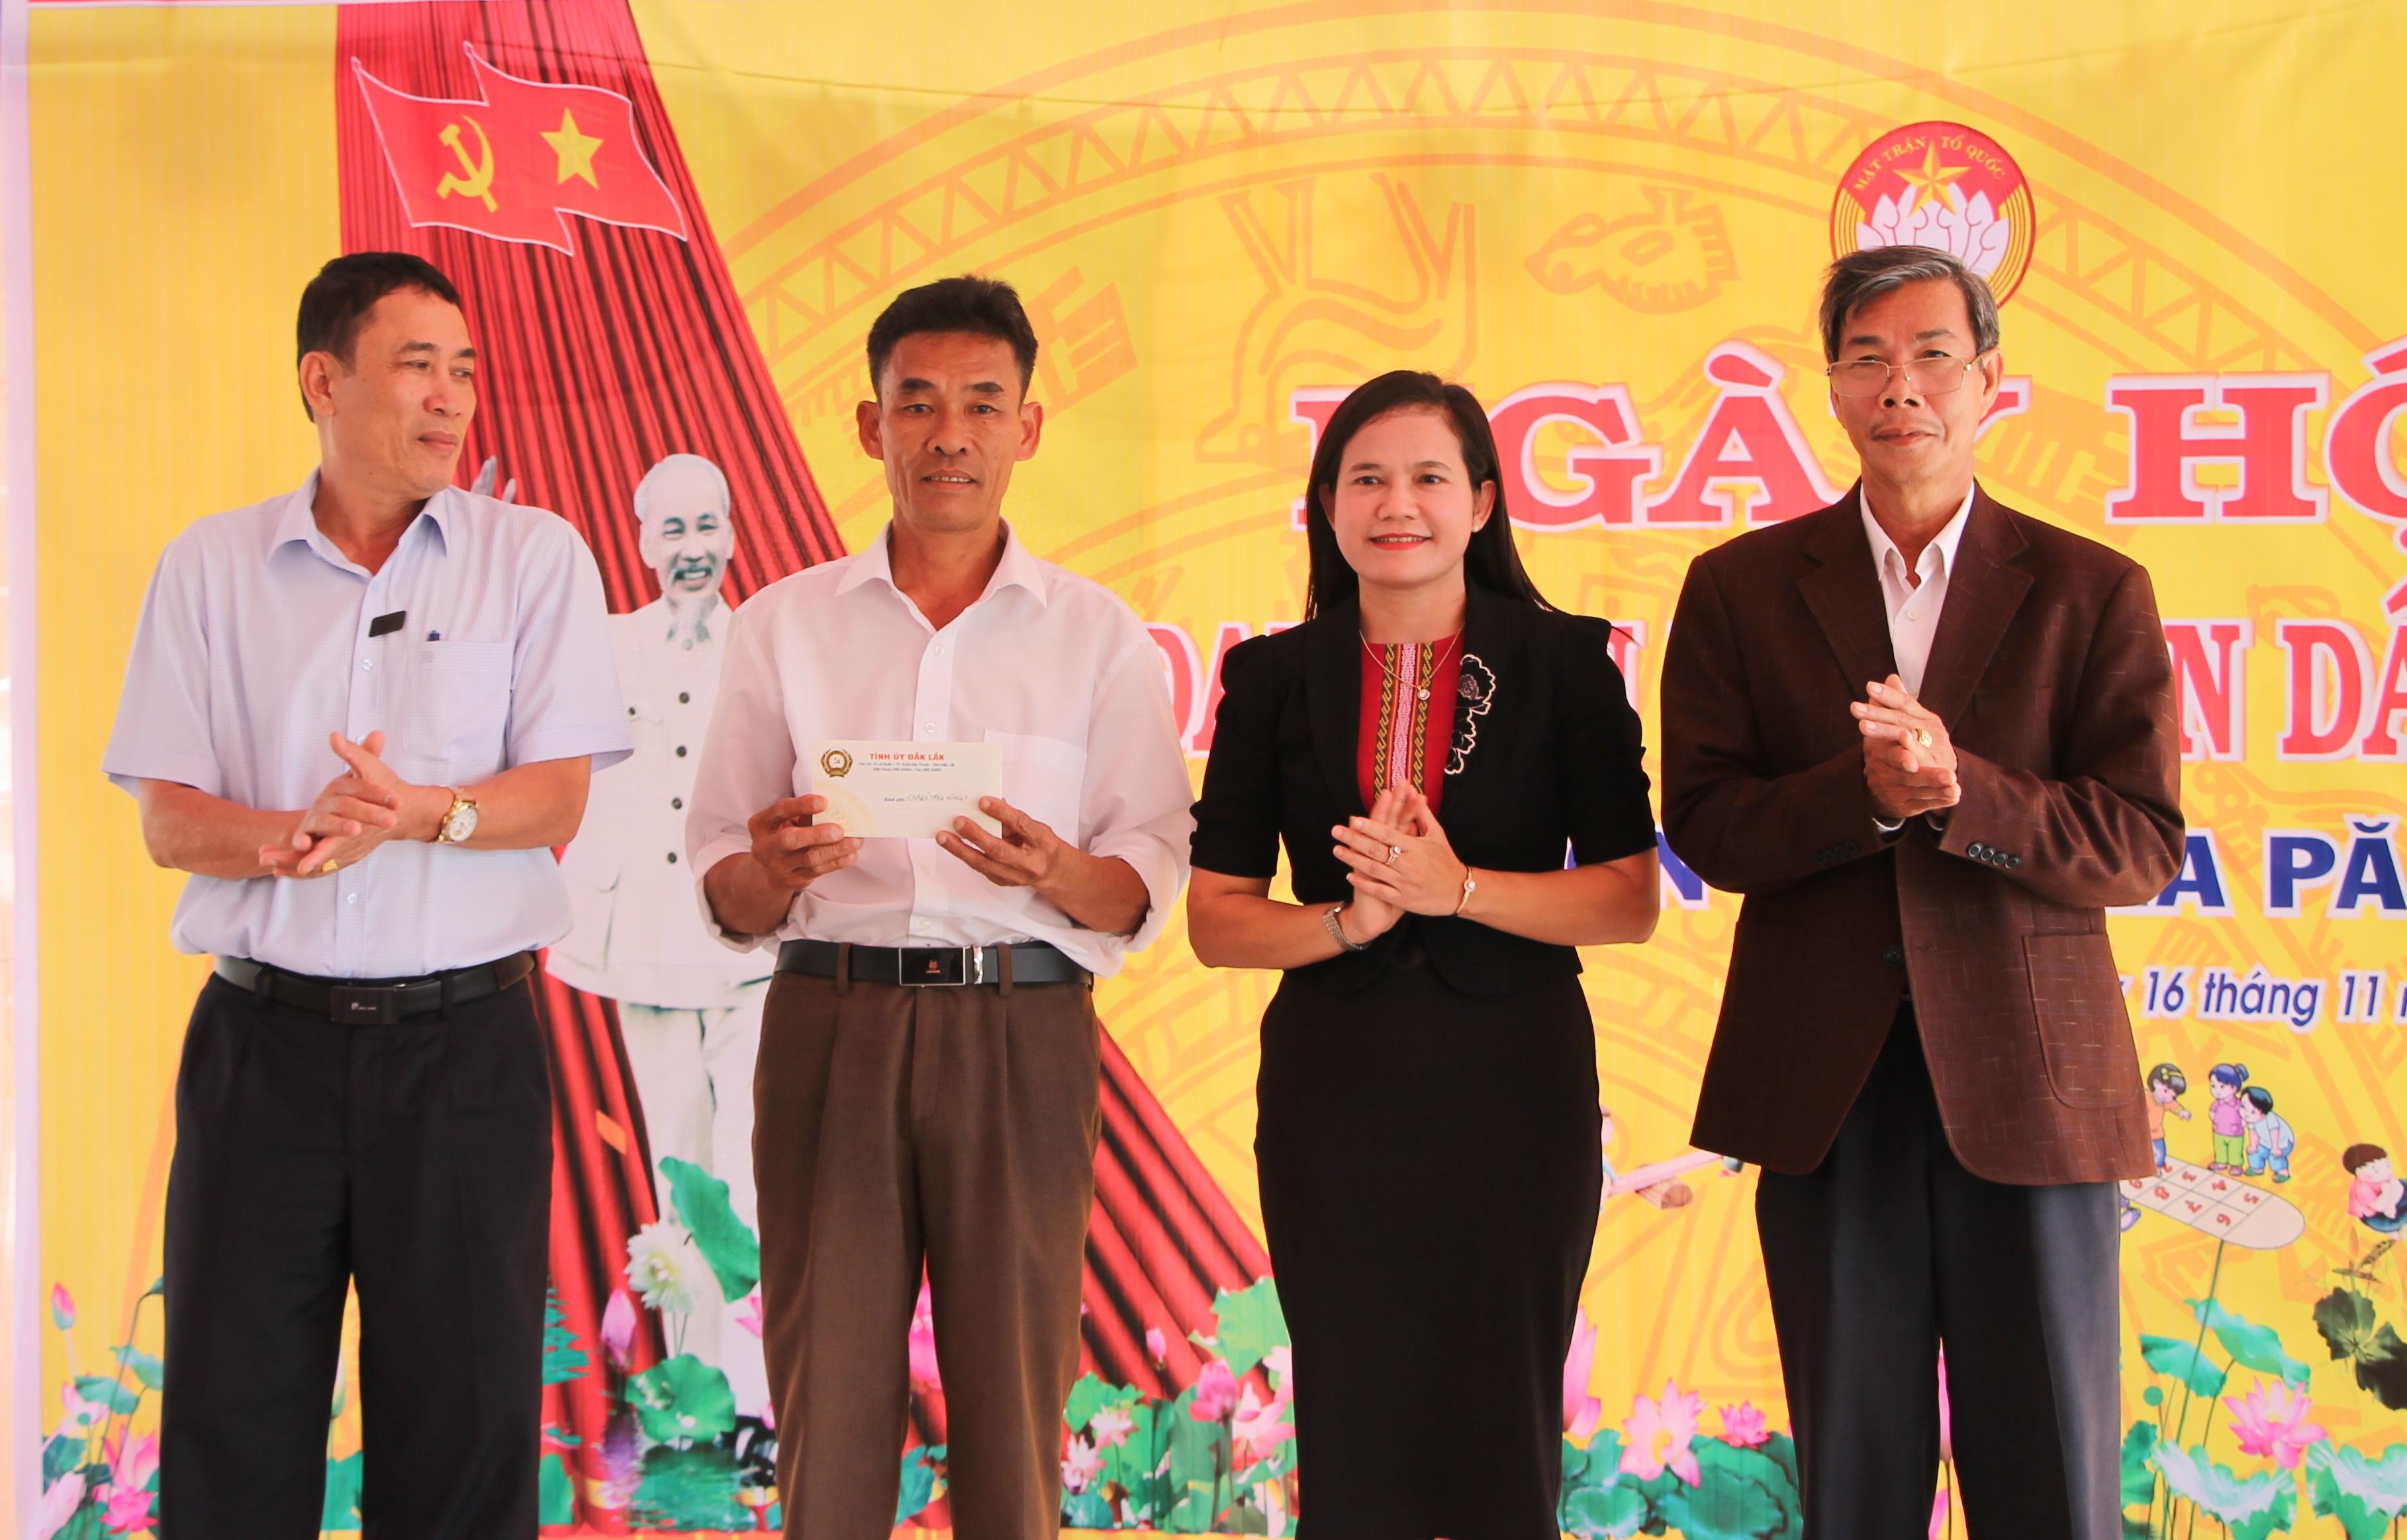 Ngày hội Đại đoàn kết toàn dân tộc thôn 9, xã Ea Păl